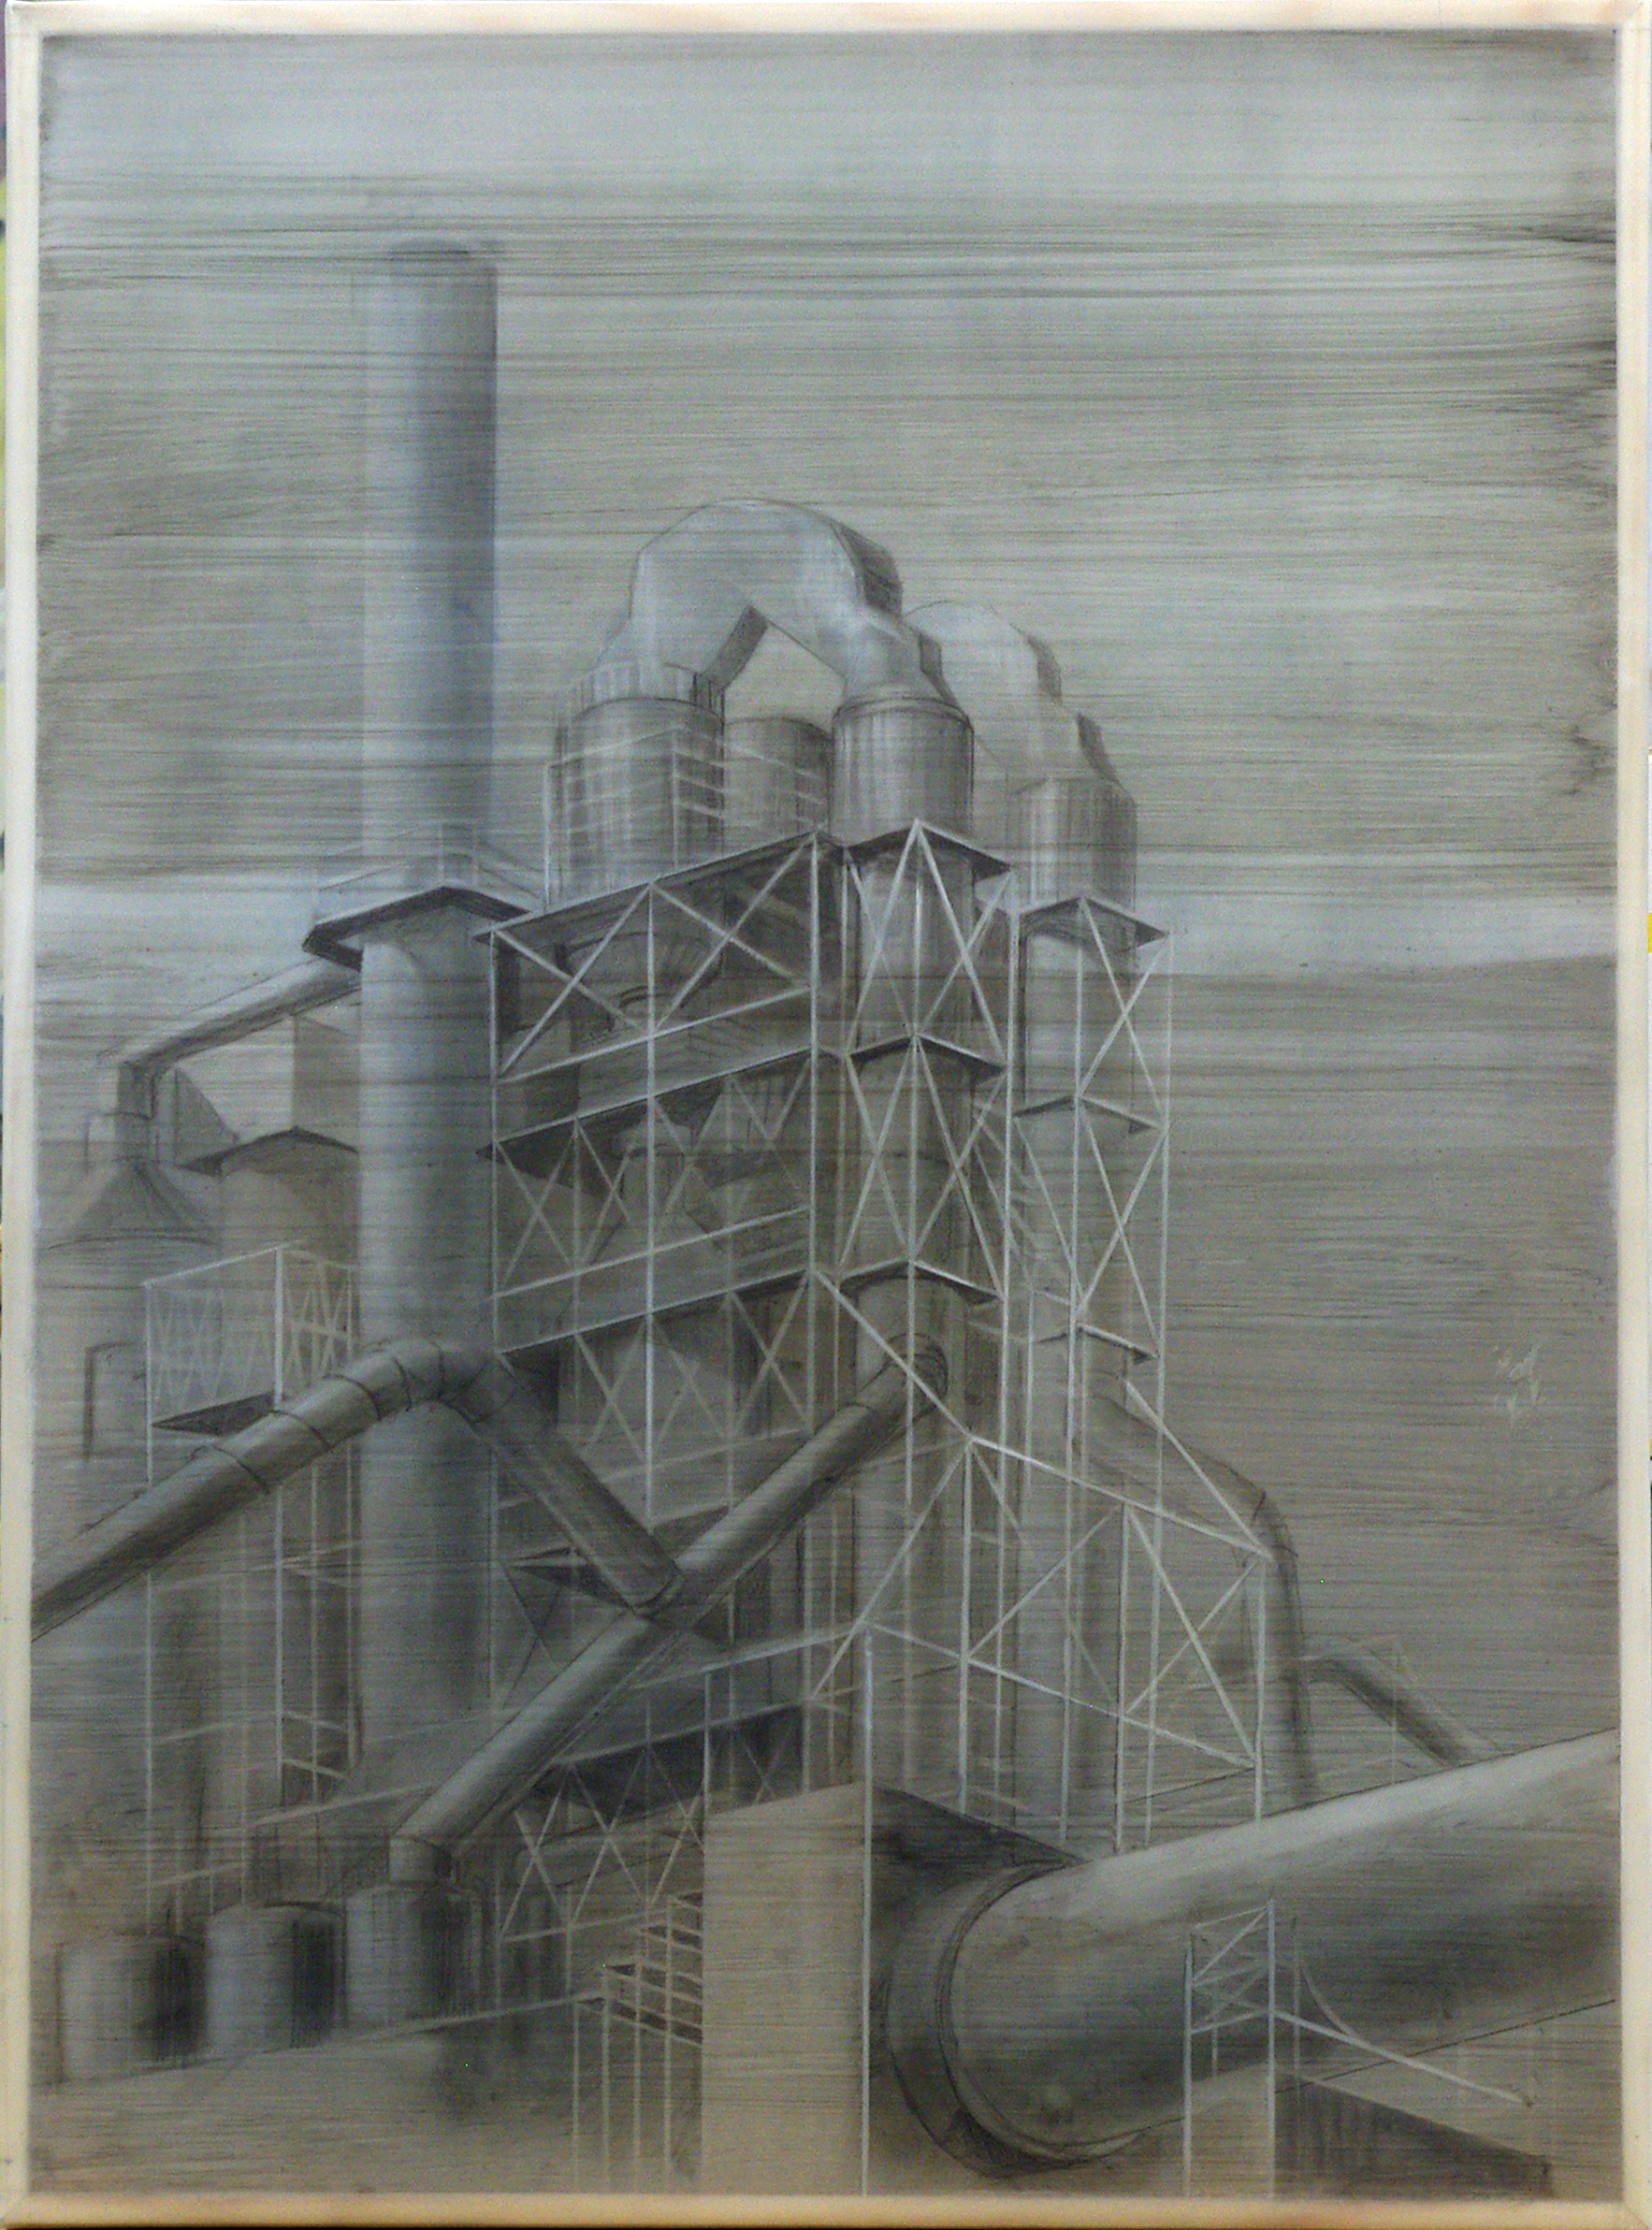 Fabrica de ciment